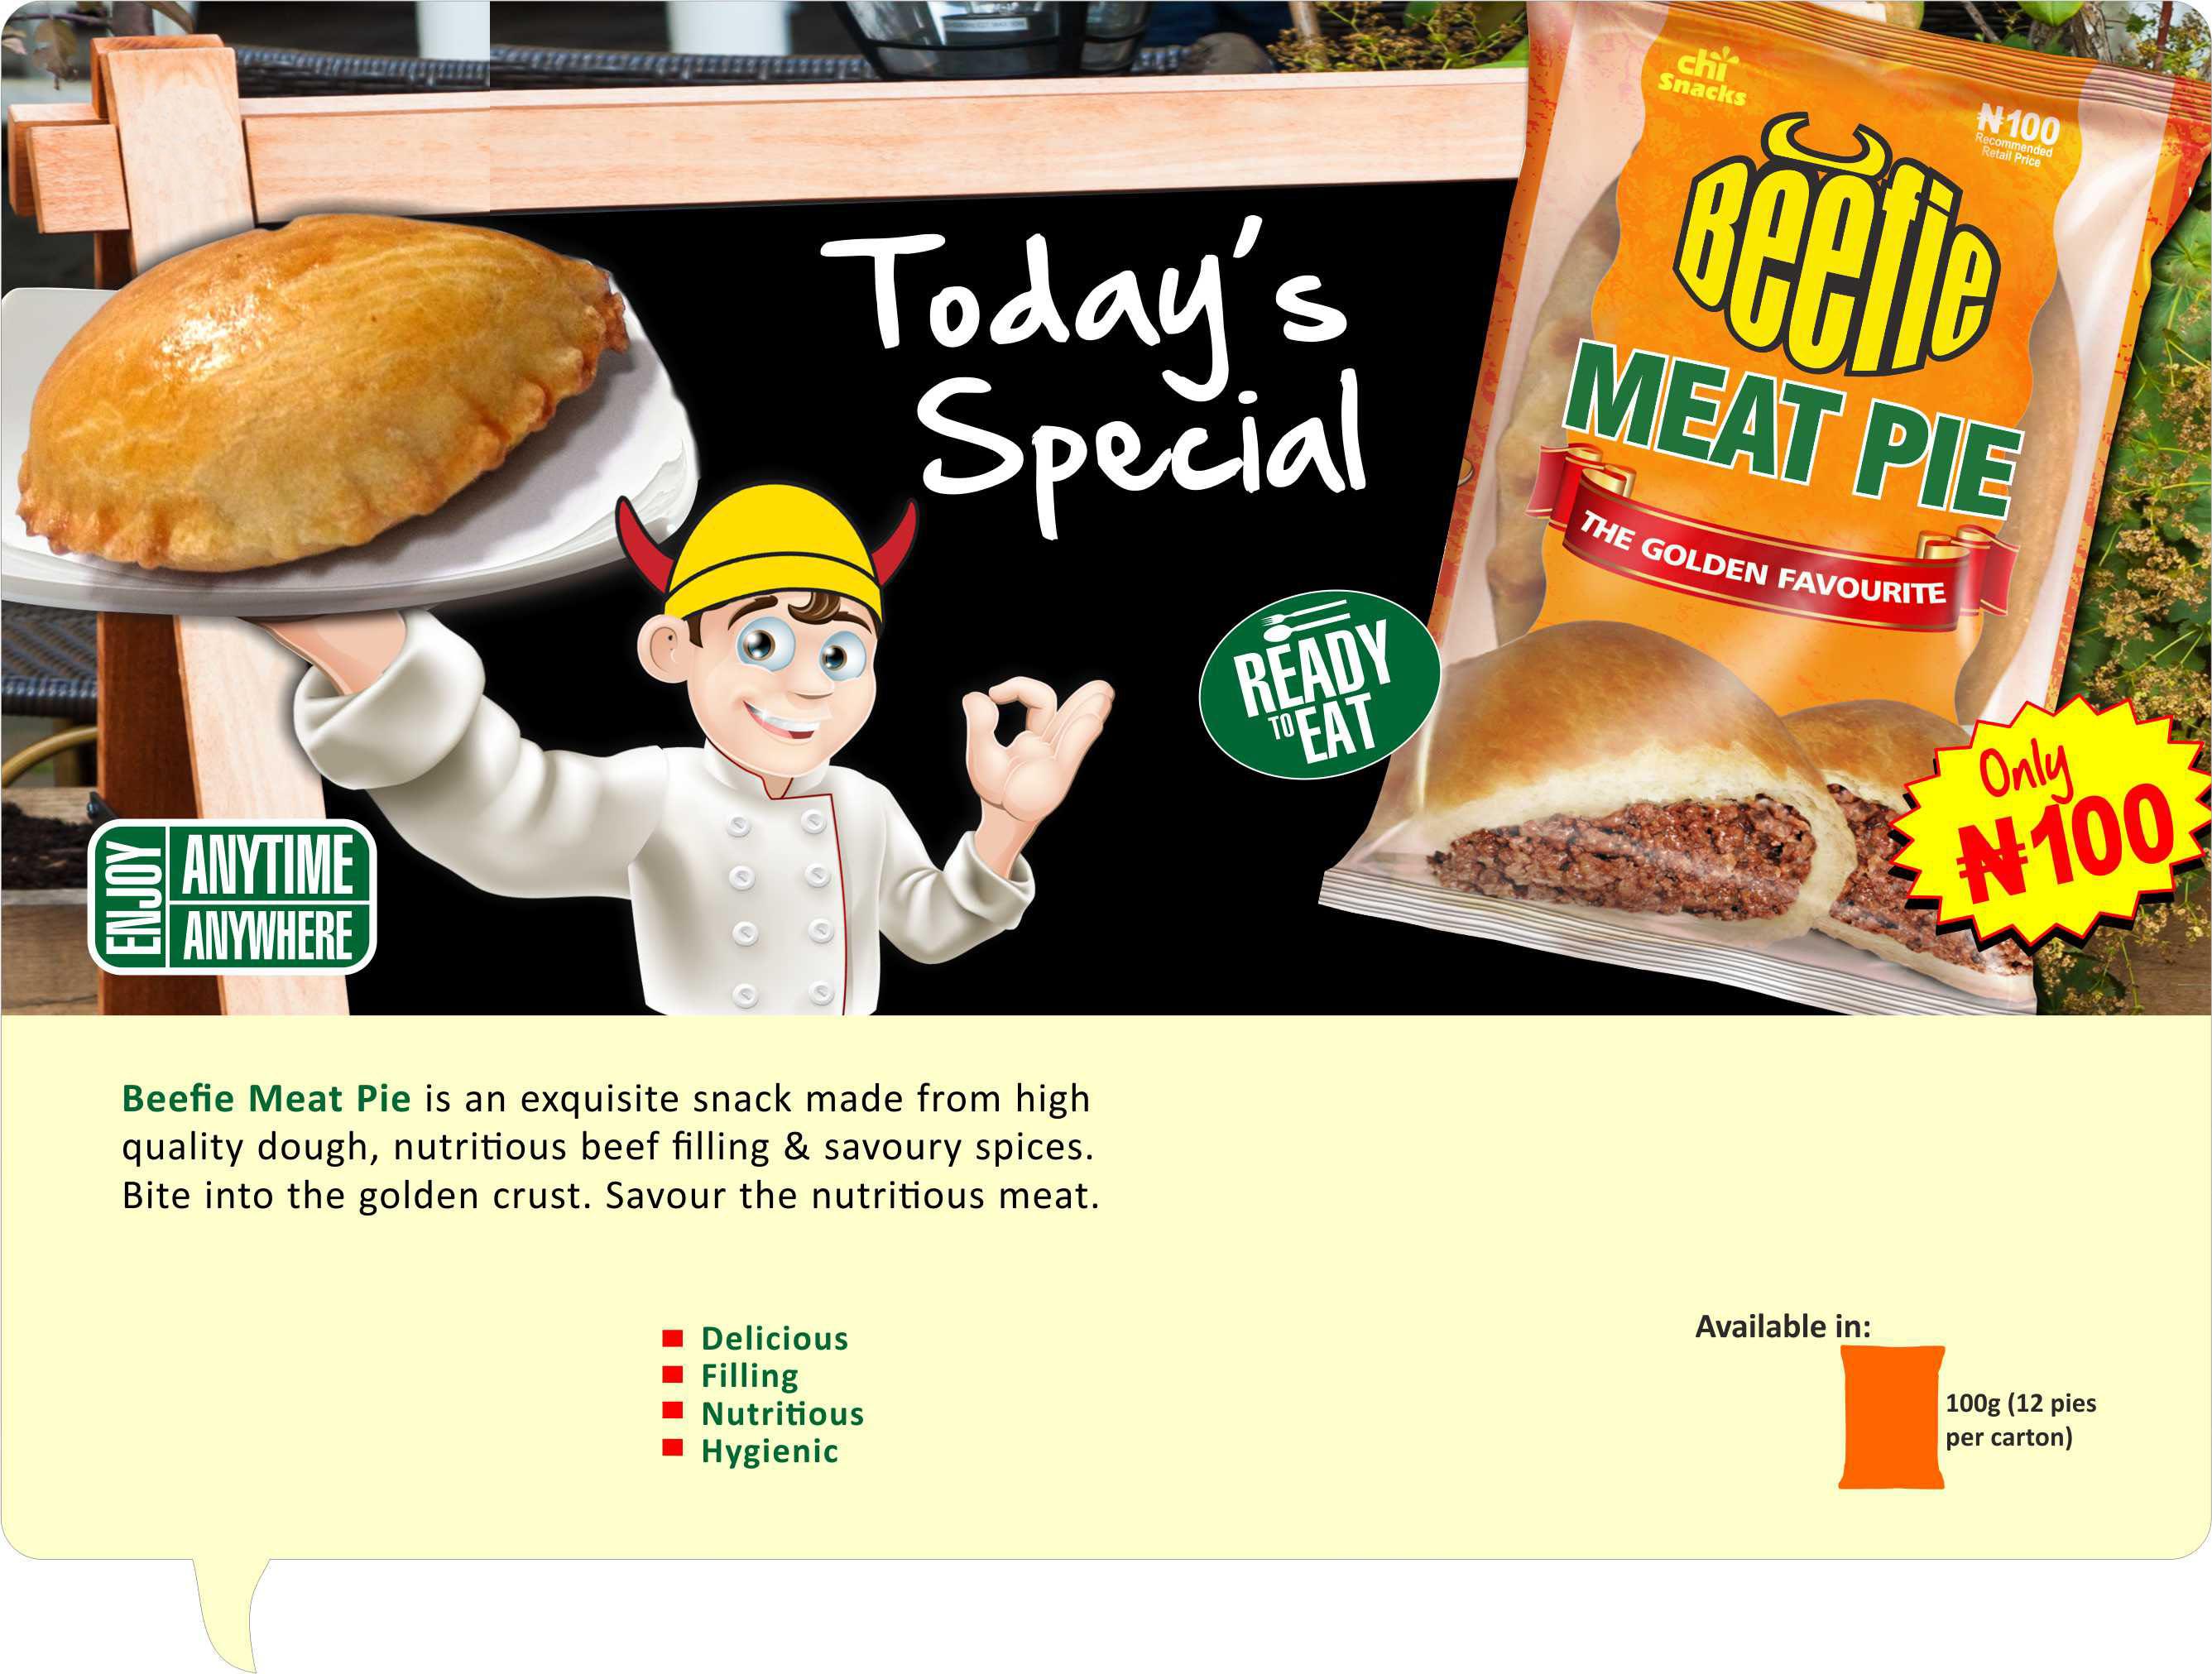 Chi Snacks Beefie Meat Pie